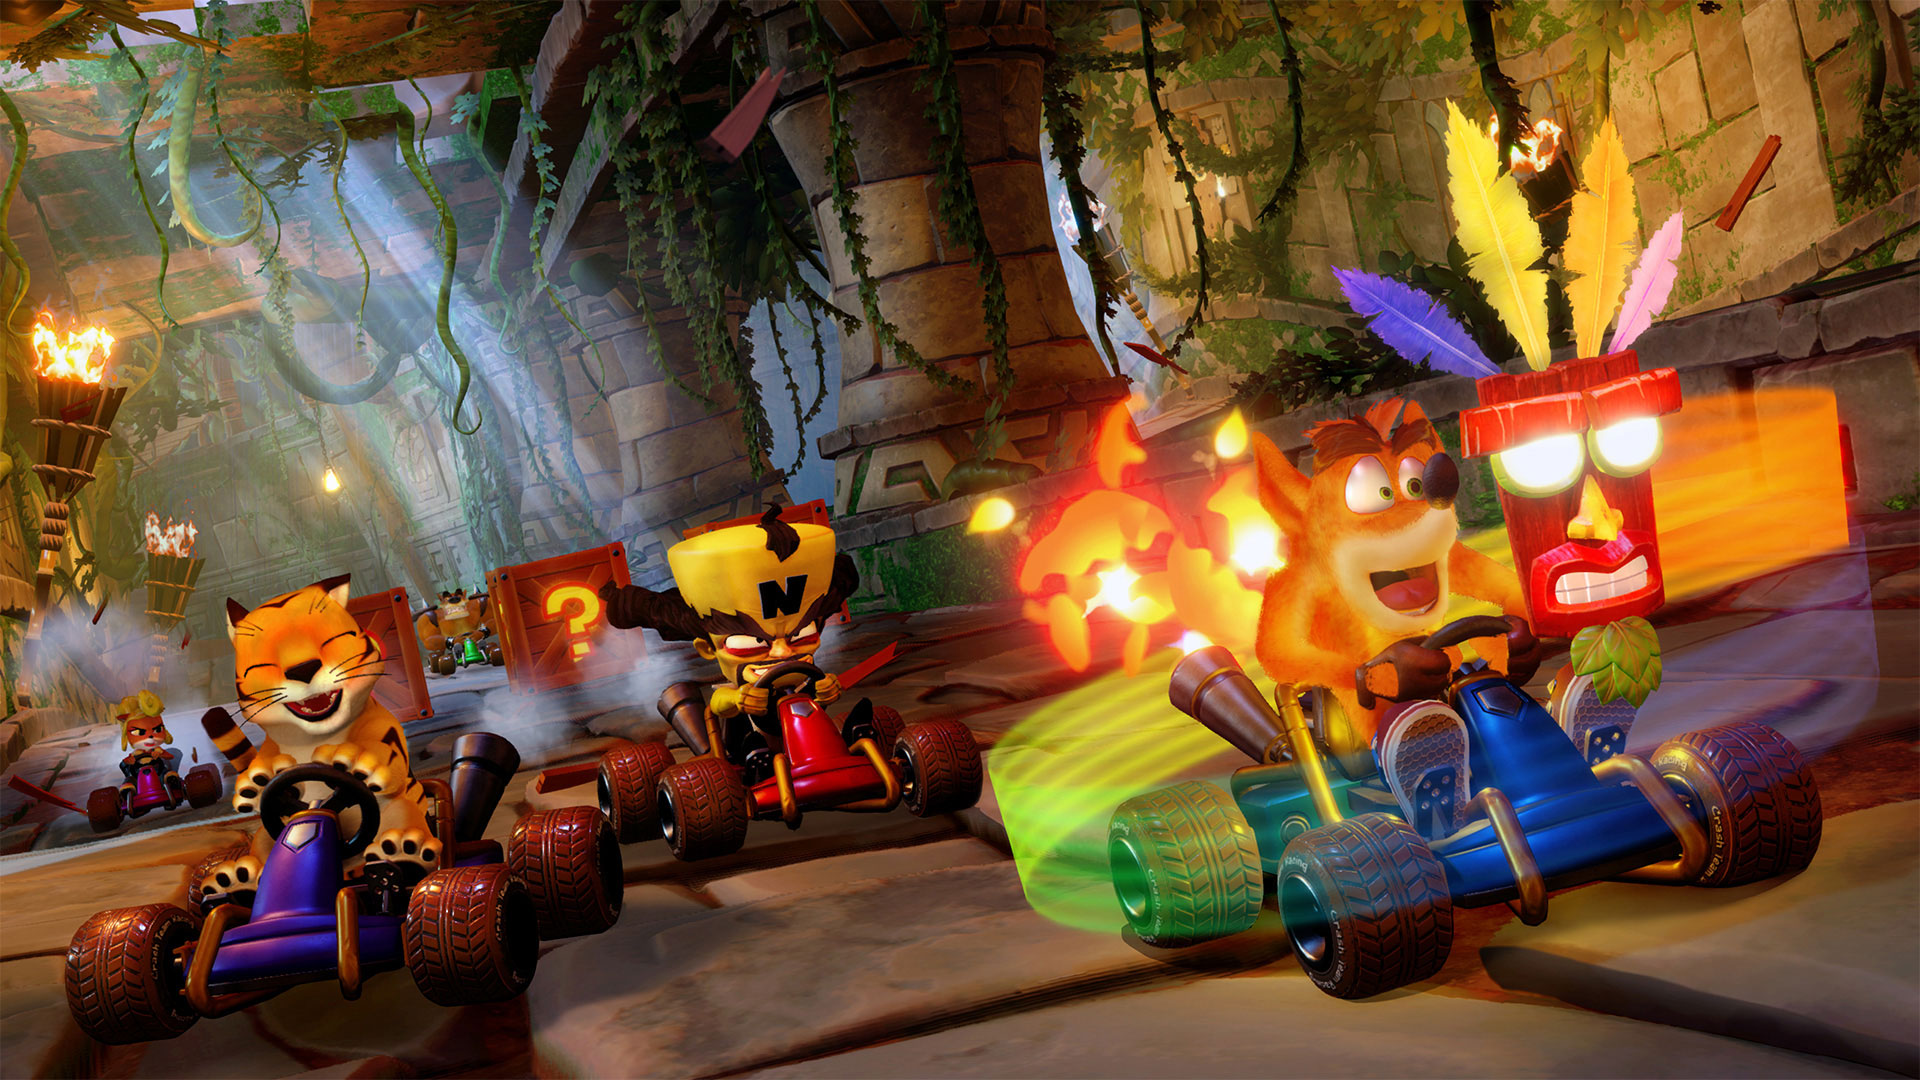 Crash Team Racing Nitro Fueled Recensione: (ri)accendiamo i motori! 3